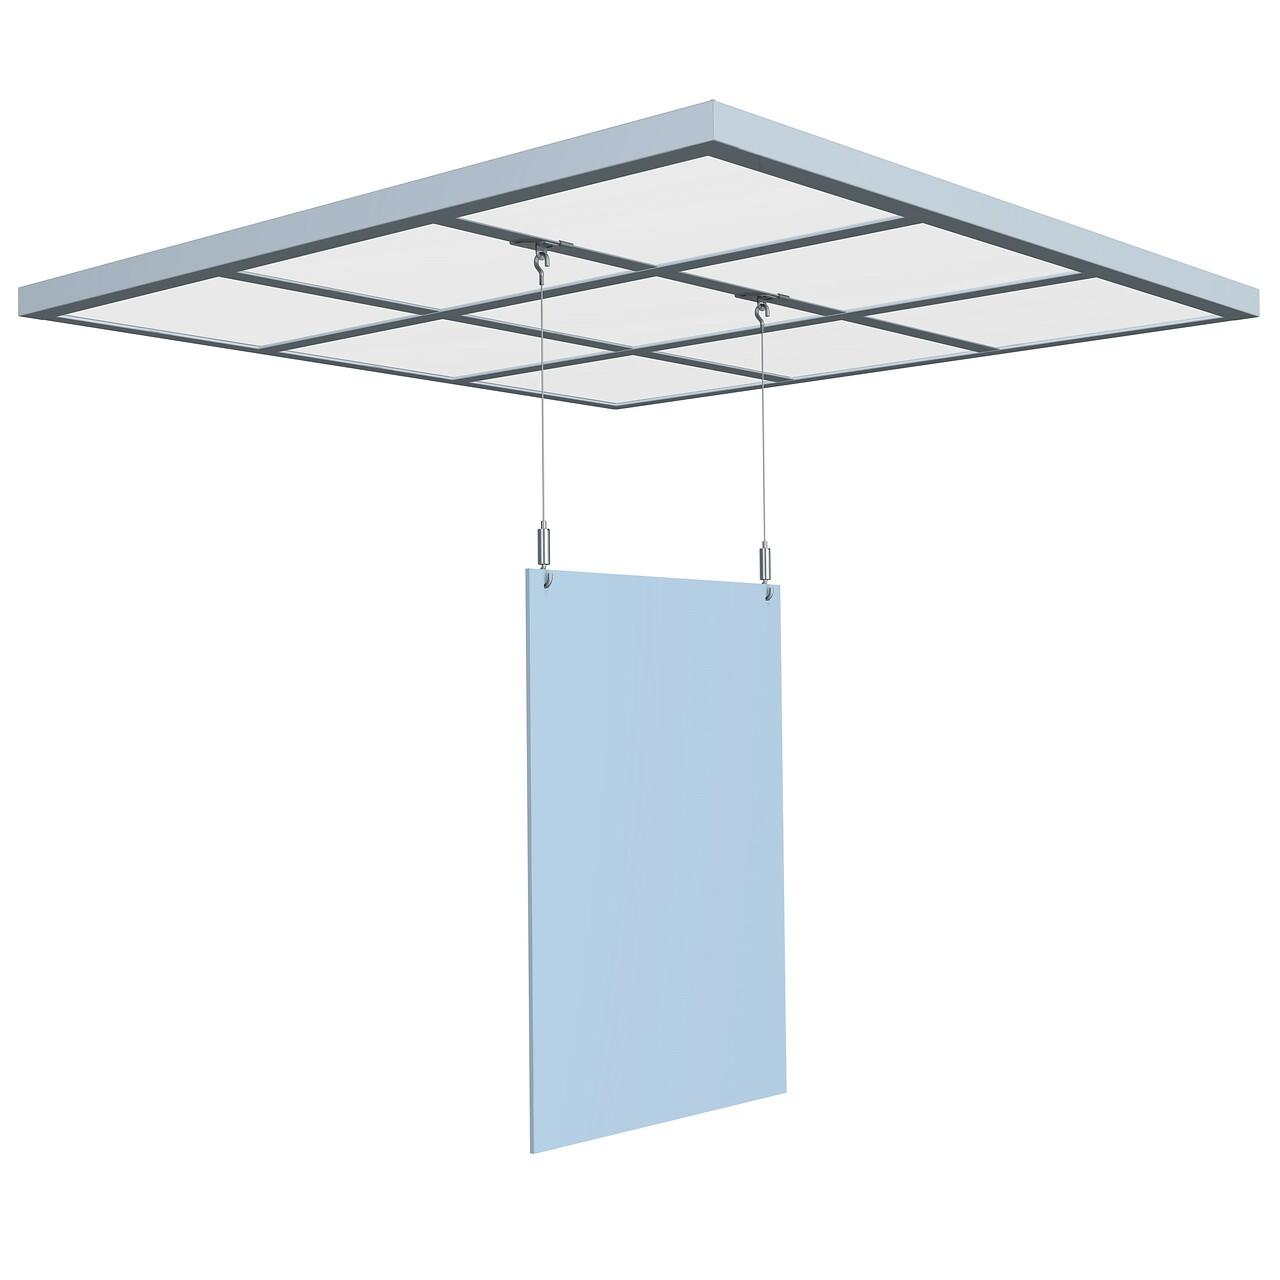 Attache faux plafond avec système autobloquant